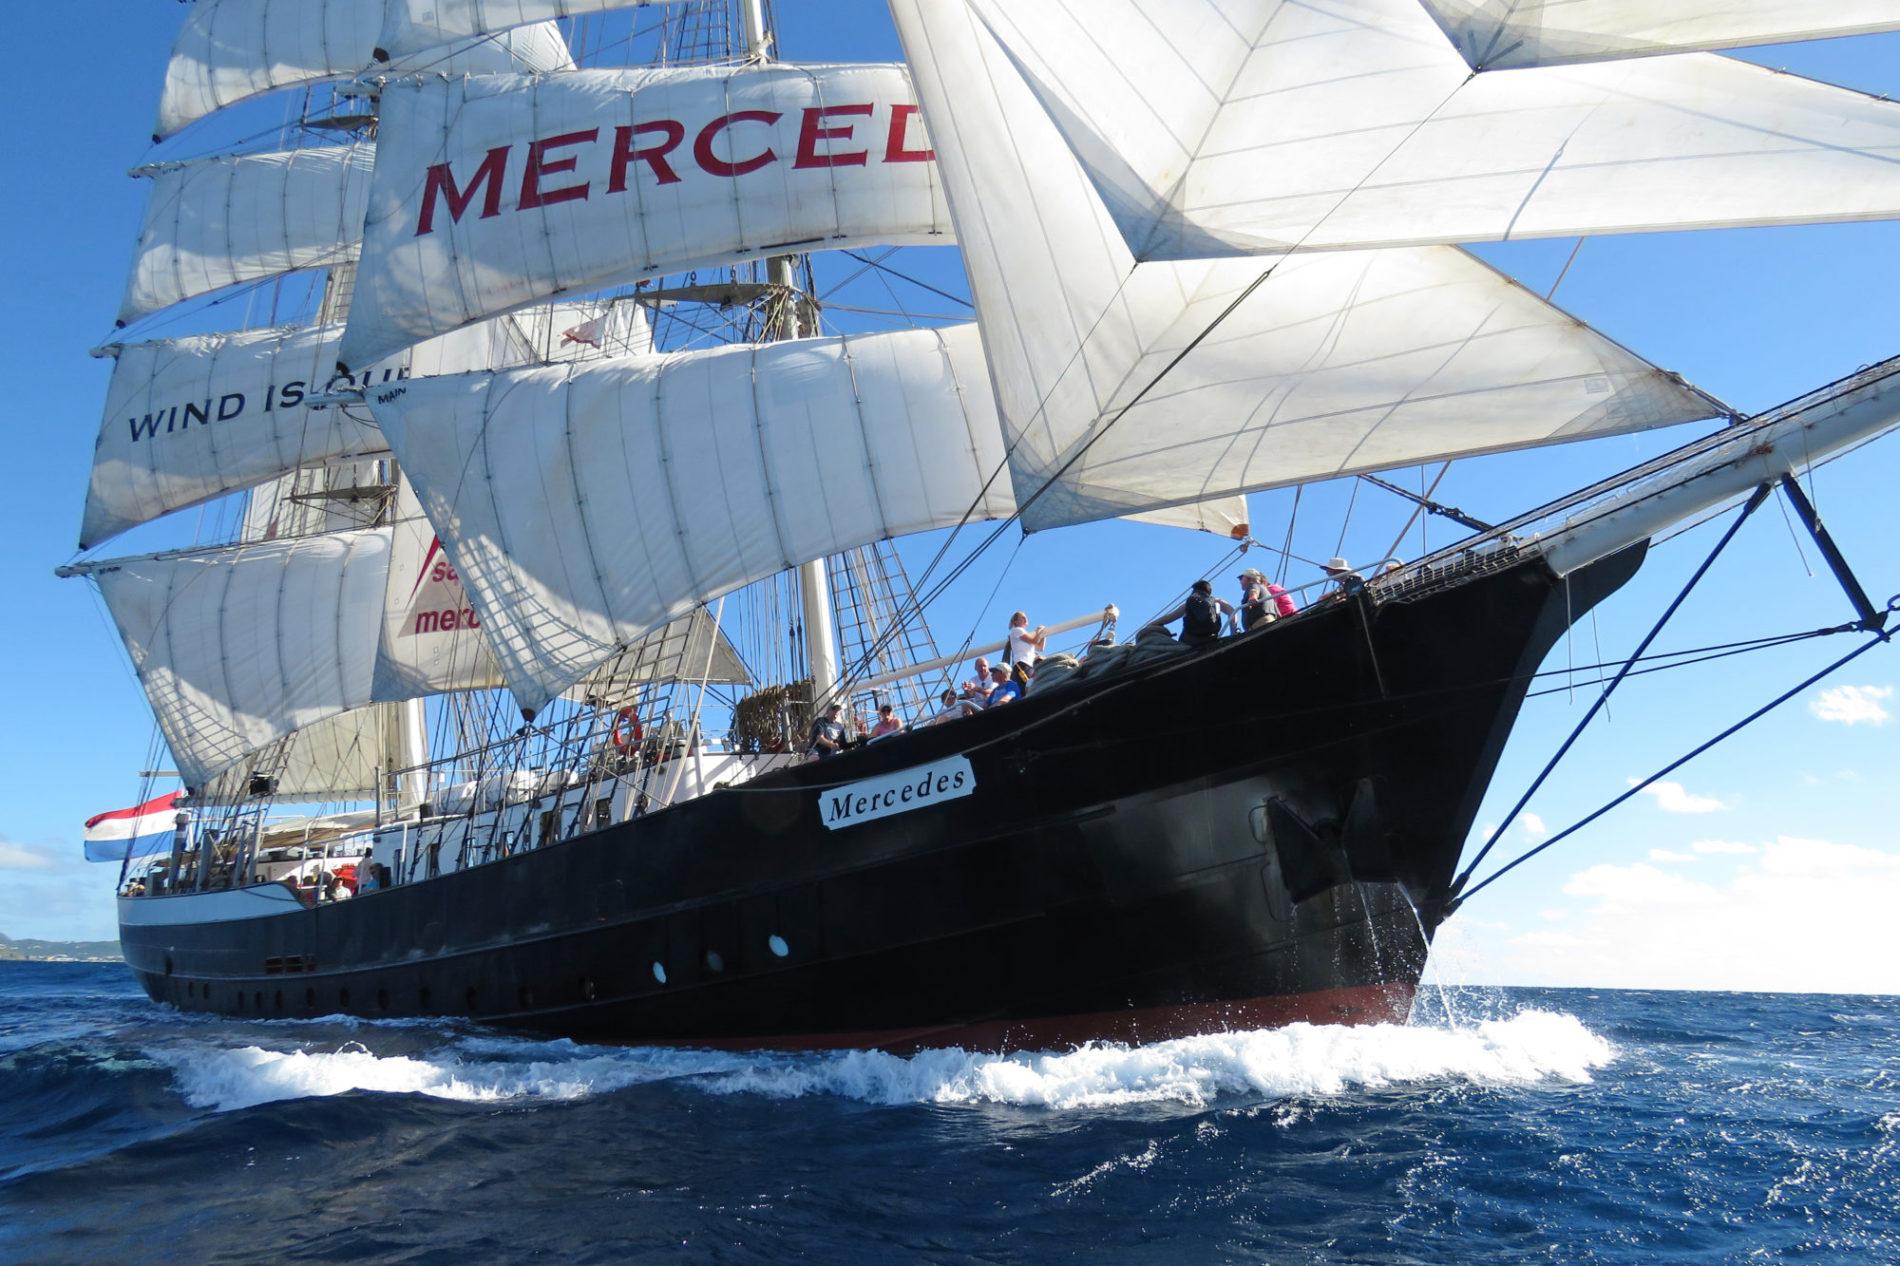 De Nederlandse Tall Ship Mercedes die het water trotseert